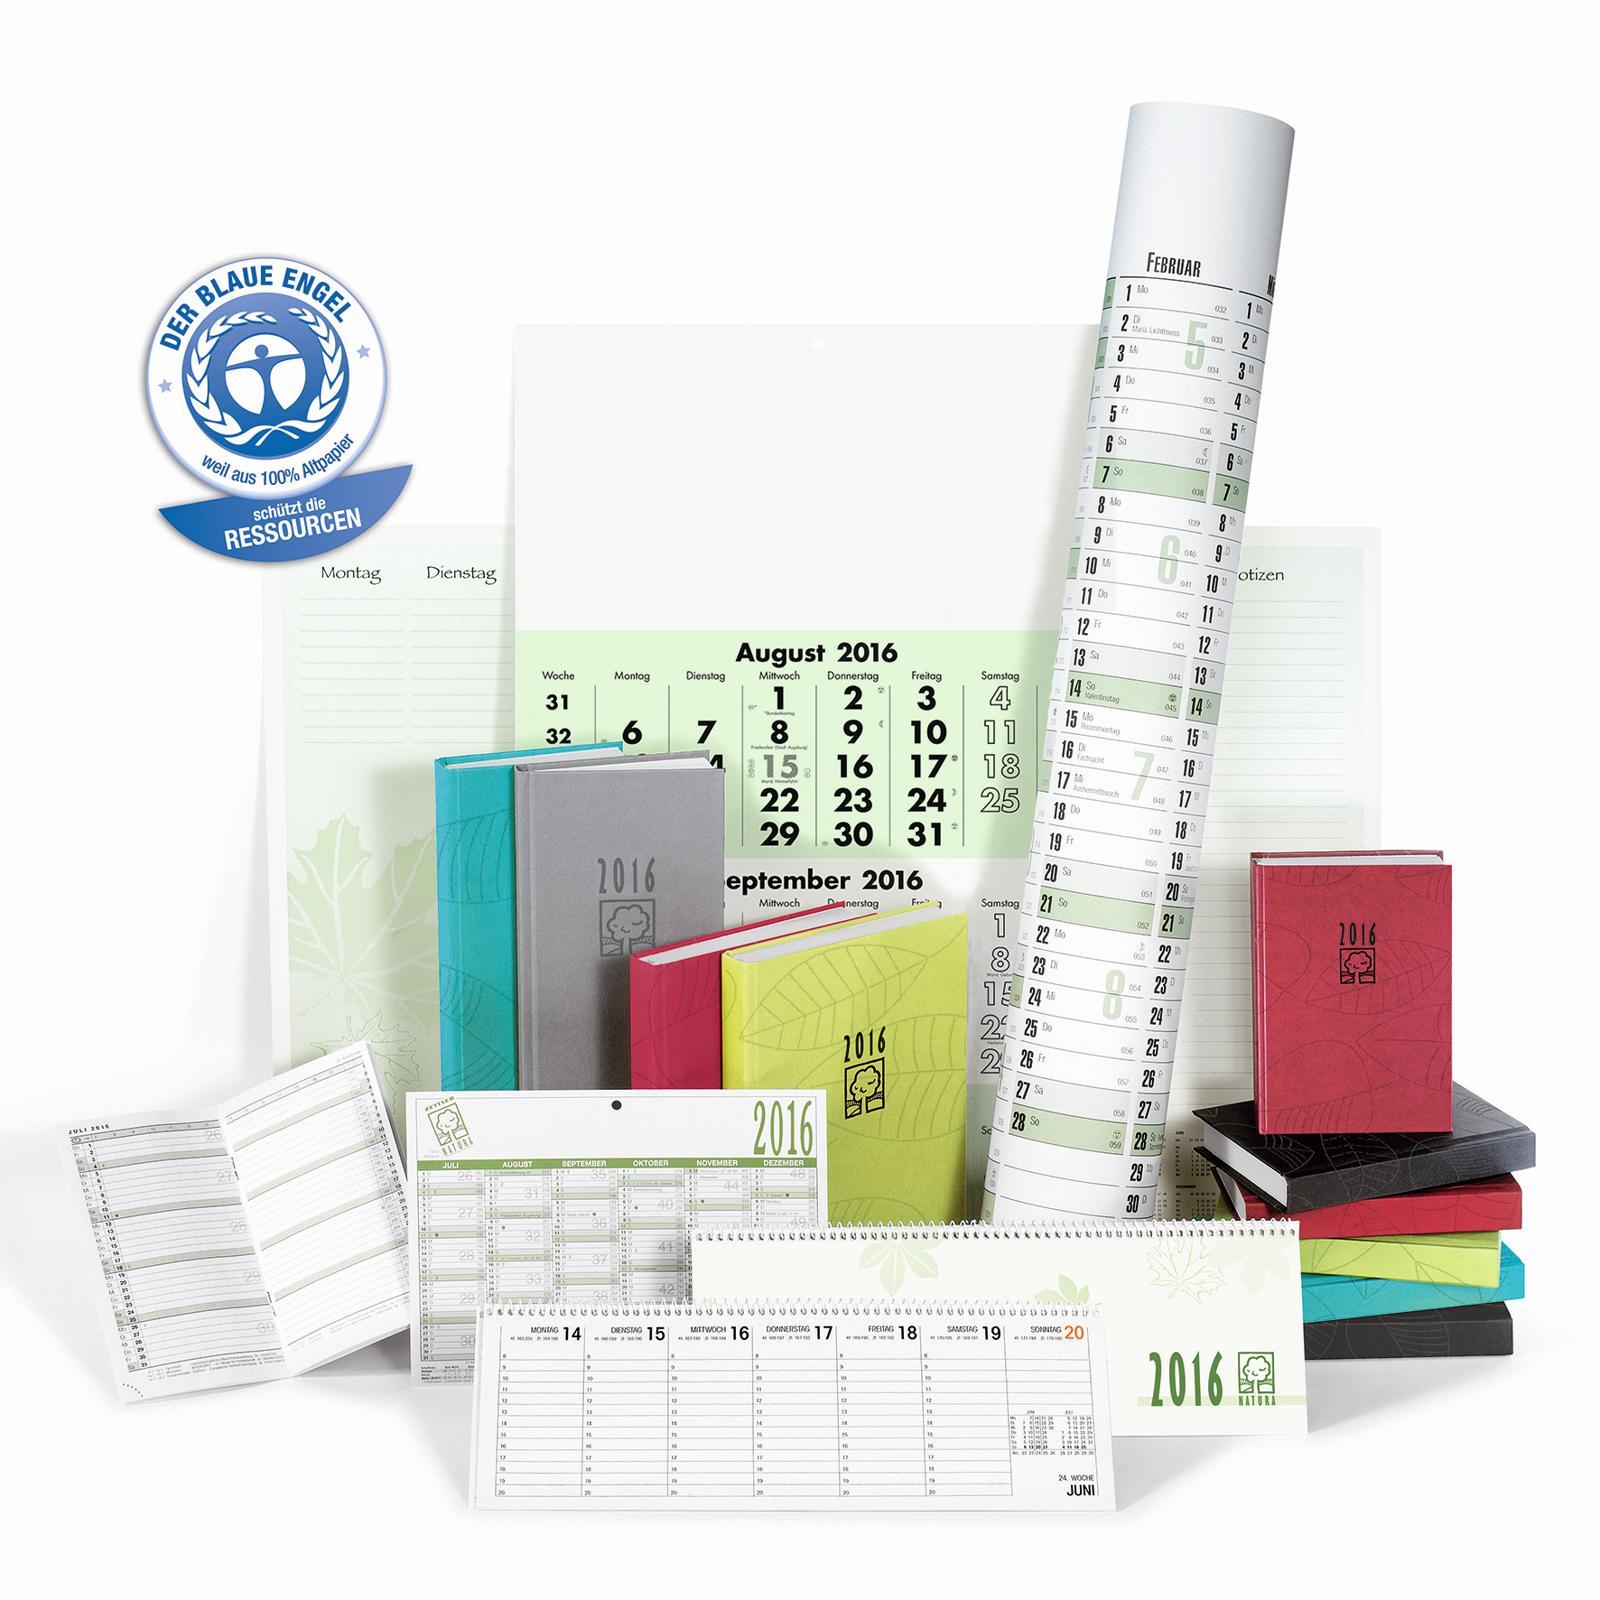 5 wichtige Öko-Siegel: Labels für umweltfreundliche Büroprodukte